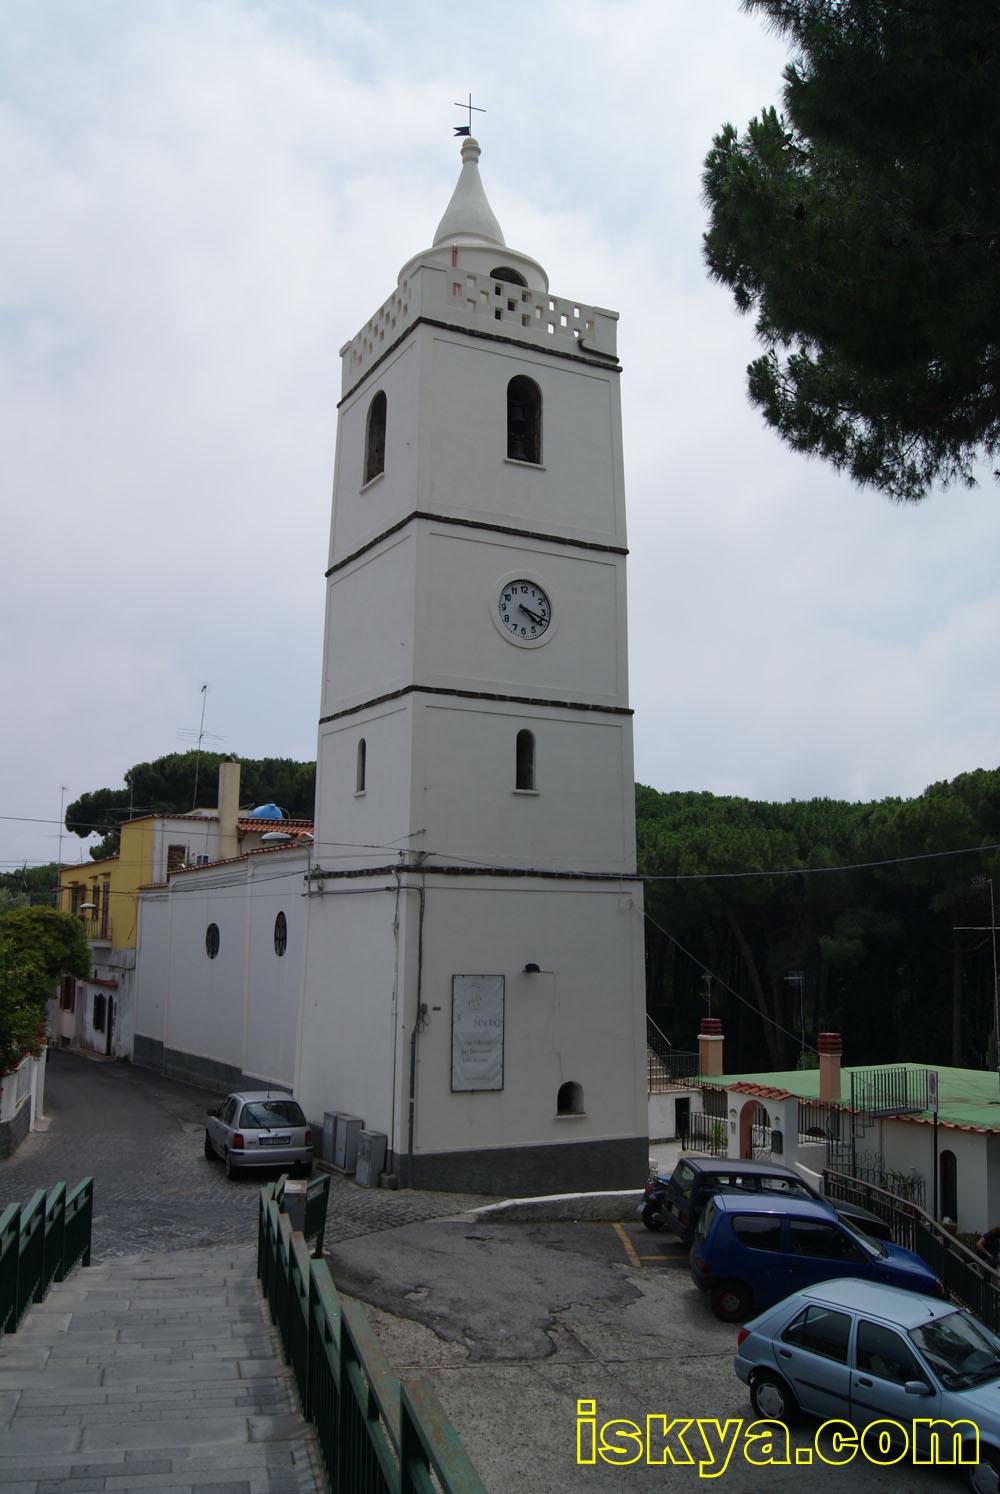 Chiesa di san giuseppe e sant 39 anna isola d 39 ischia - Divo santa maria a monte ...